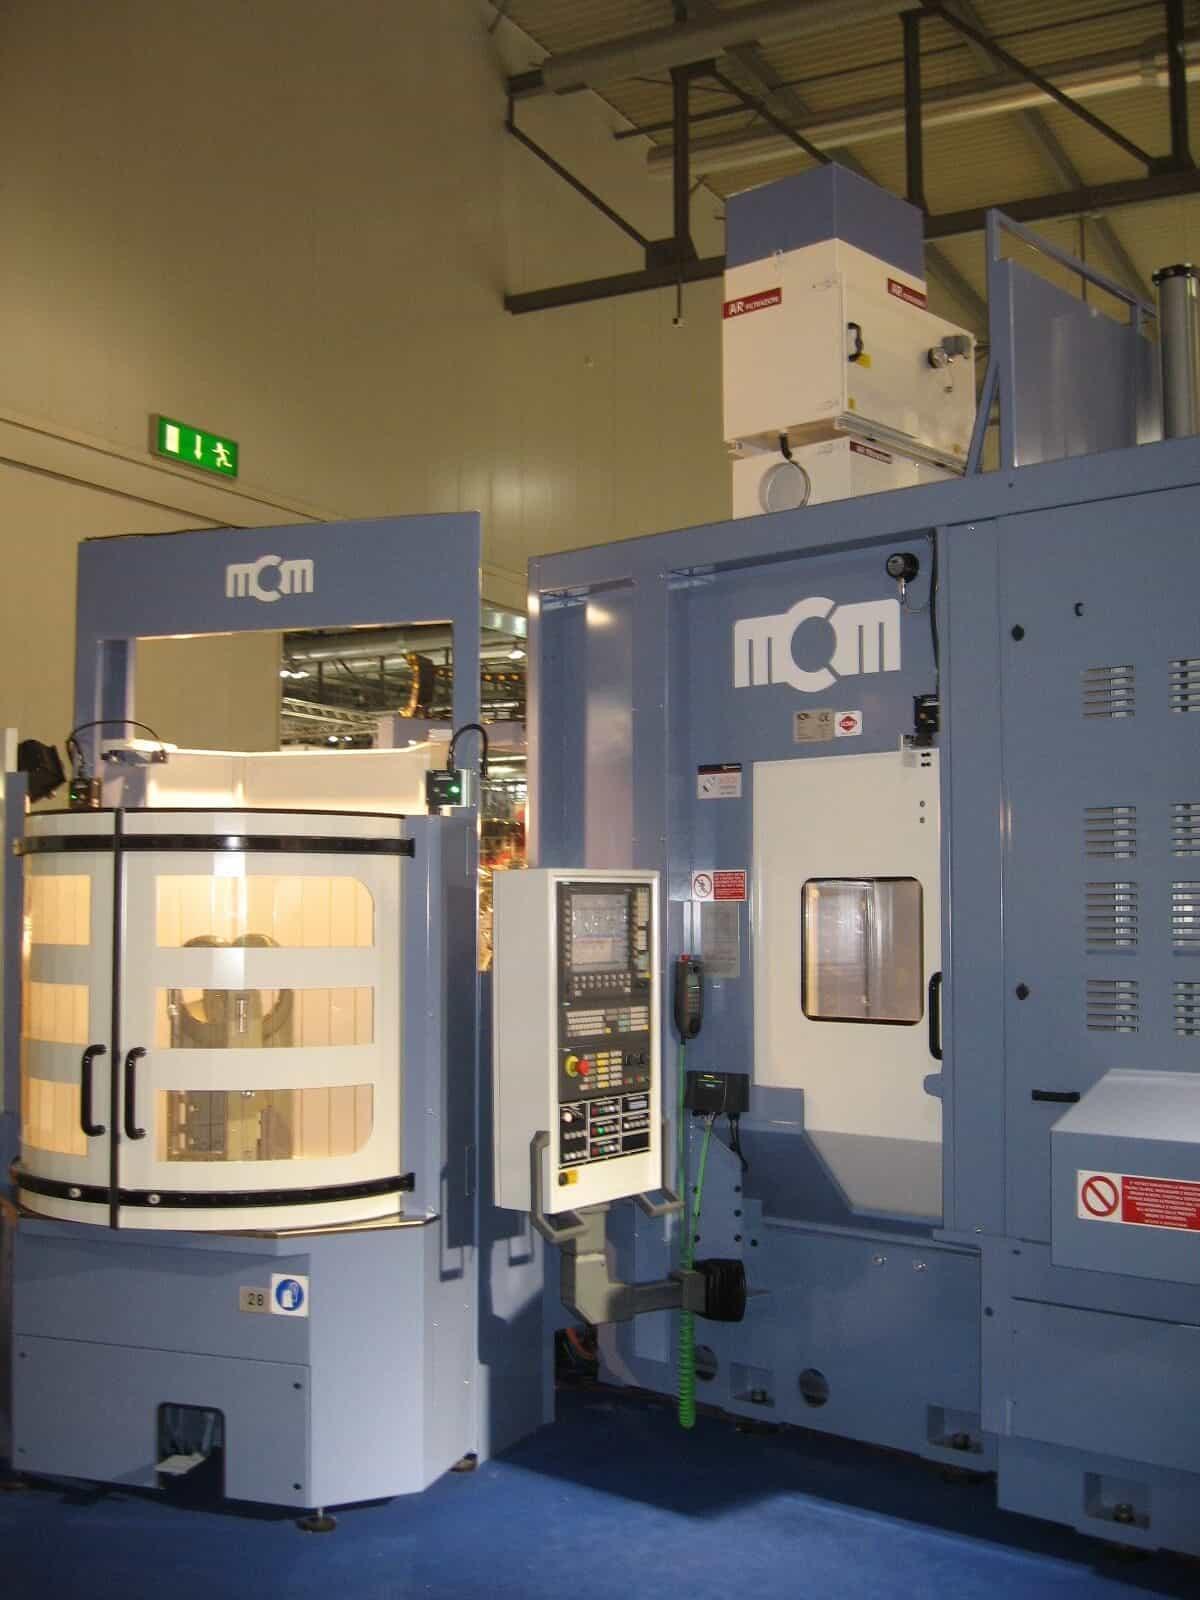 AR Filtrazioni | CENTRI CNC MCM cnc macchine utensili | Filtrazione nebbie oleose centri di lavoro MCM cnc